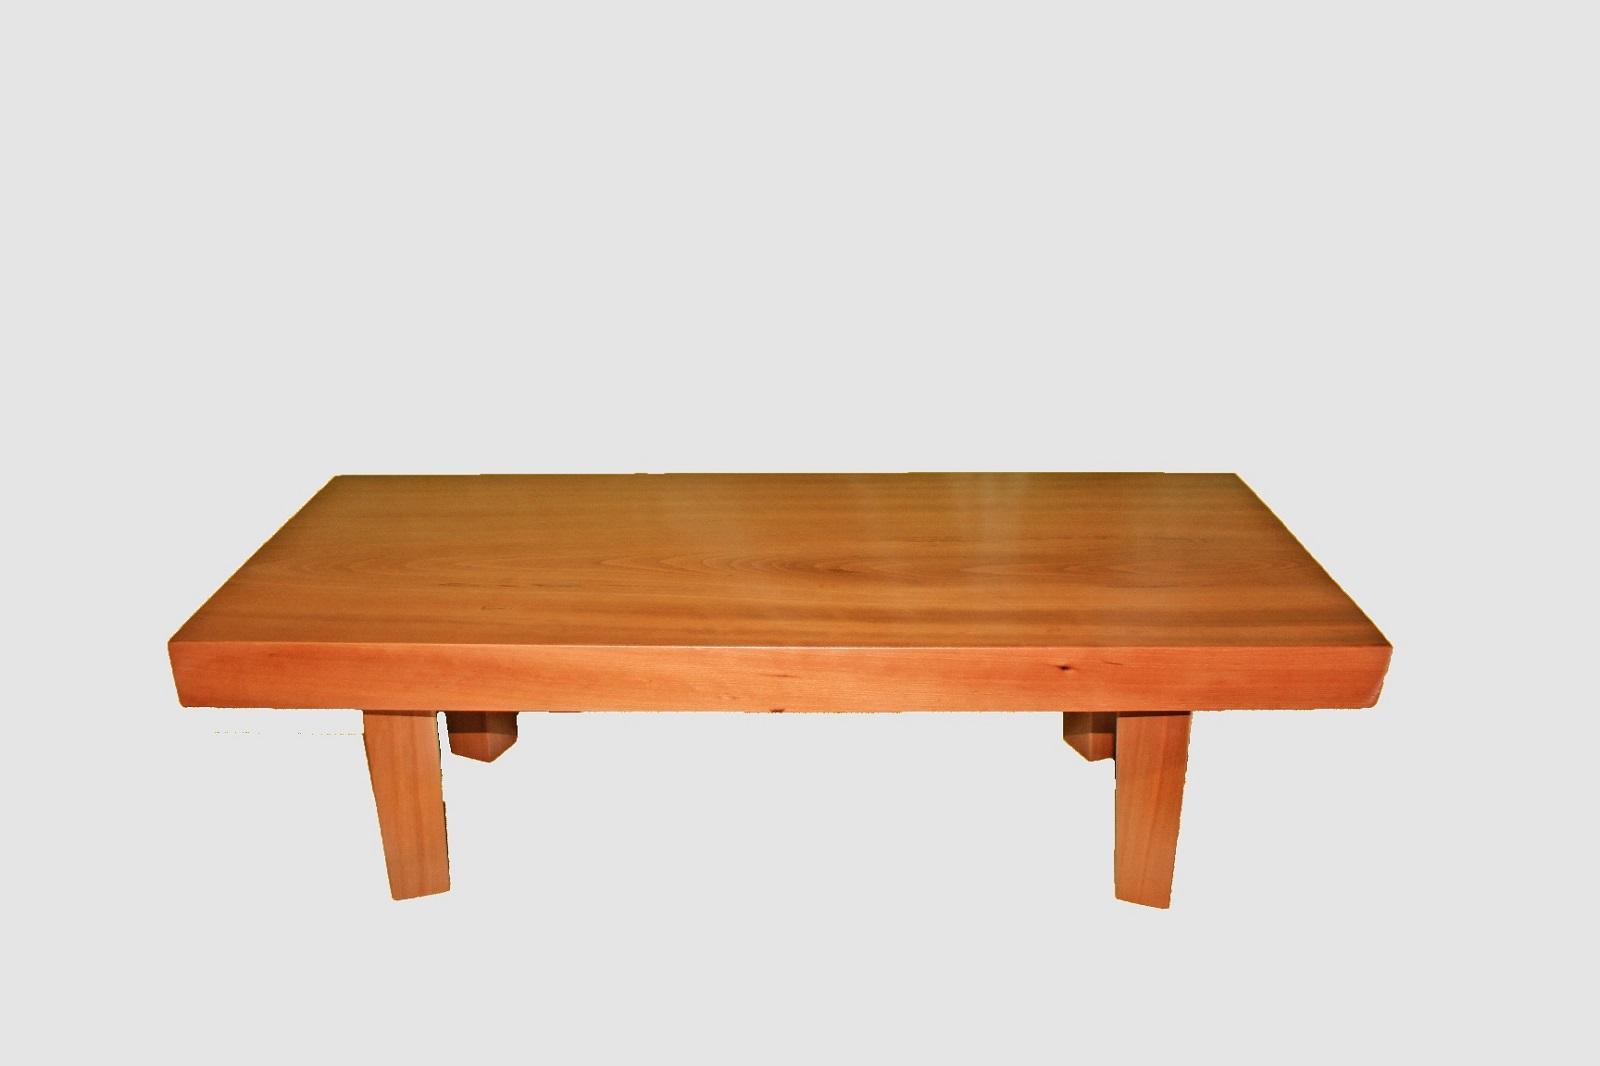 【56】座卓(テーブル)カツラ・一枚天板【厚さ約6.5cm】